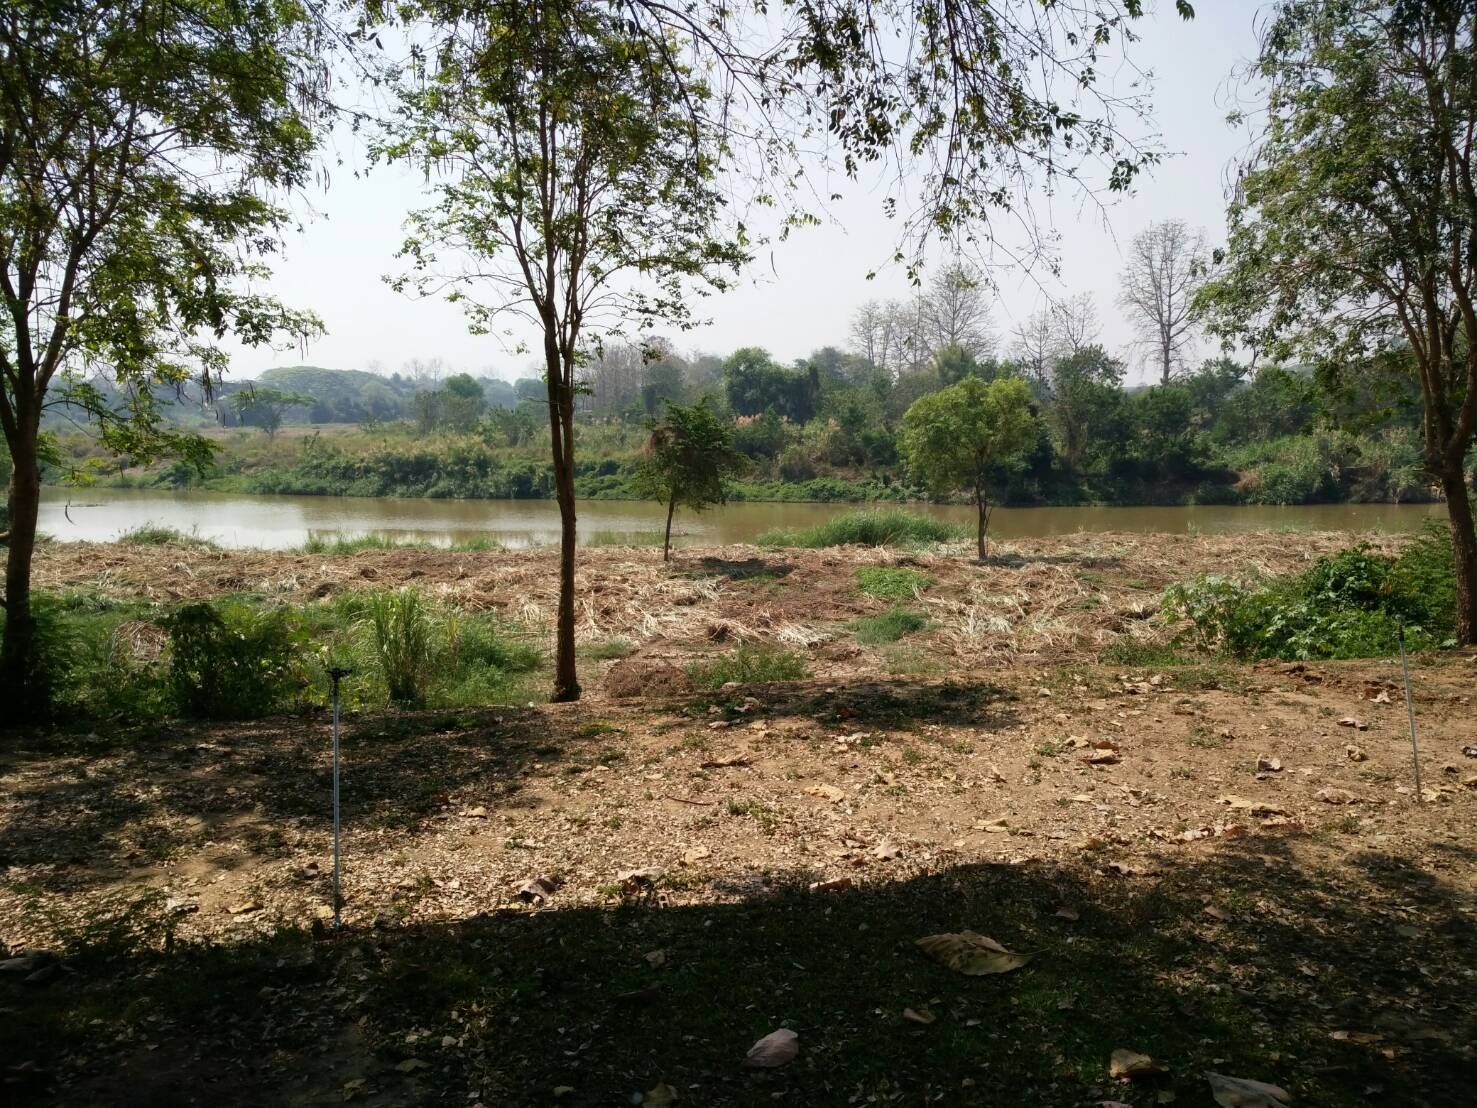 ที่ดินติดแม่น้ำปิง เชียงใหม่ เนื้อที่ 17 ไร่ ★ Land on the Ping River Chiang Mai area of 17 rai. ★